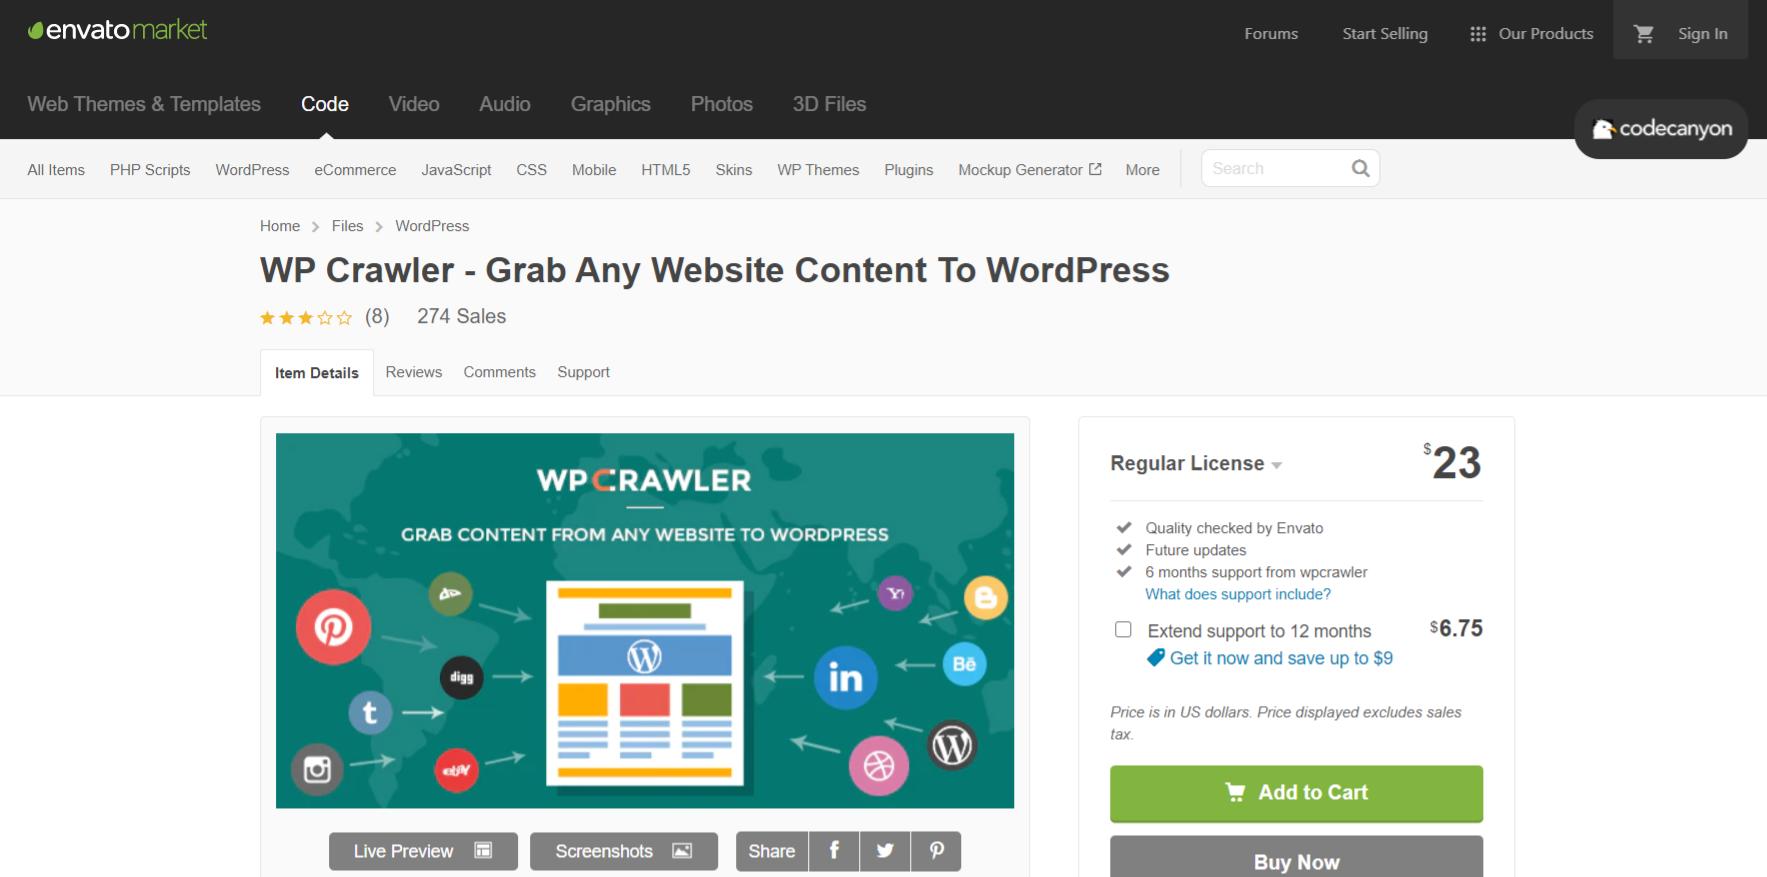 Wp Crawler: Autoblogging plugin and tool